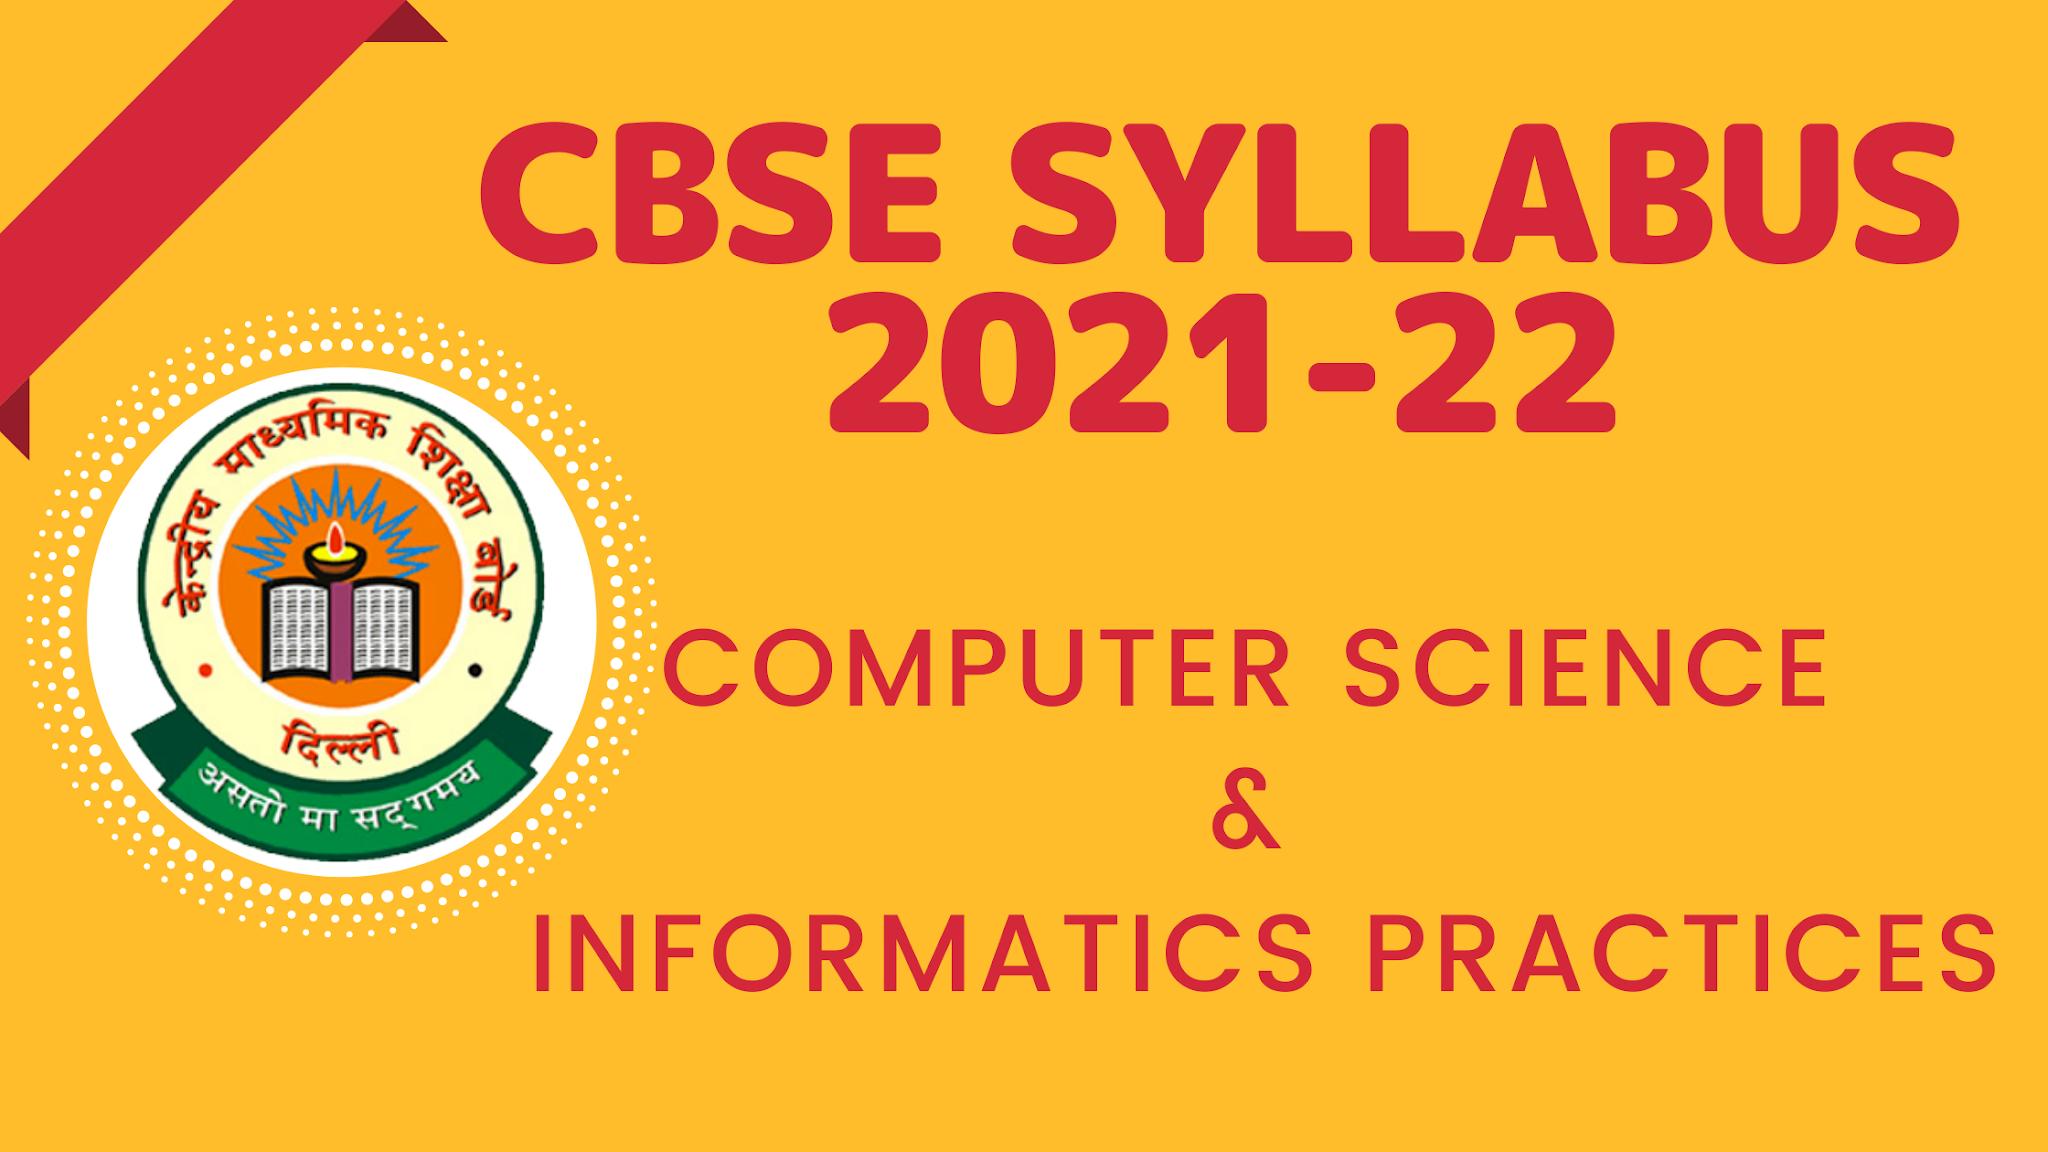 CBSE Class 12 Syllabus 2021-22